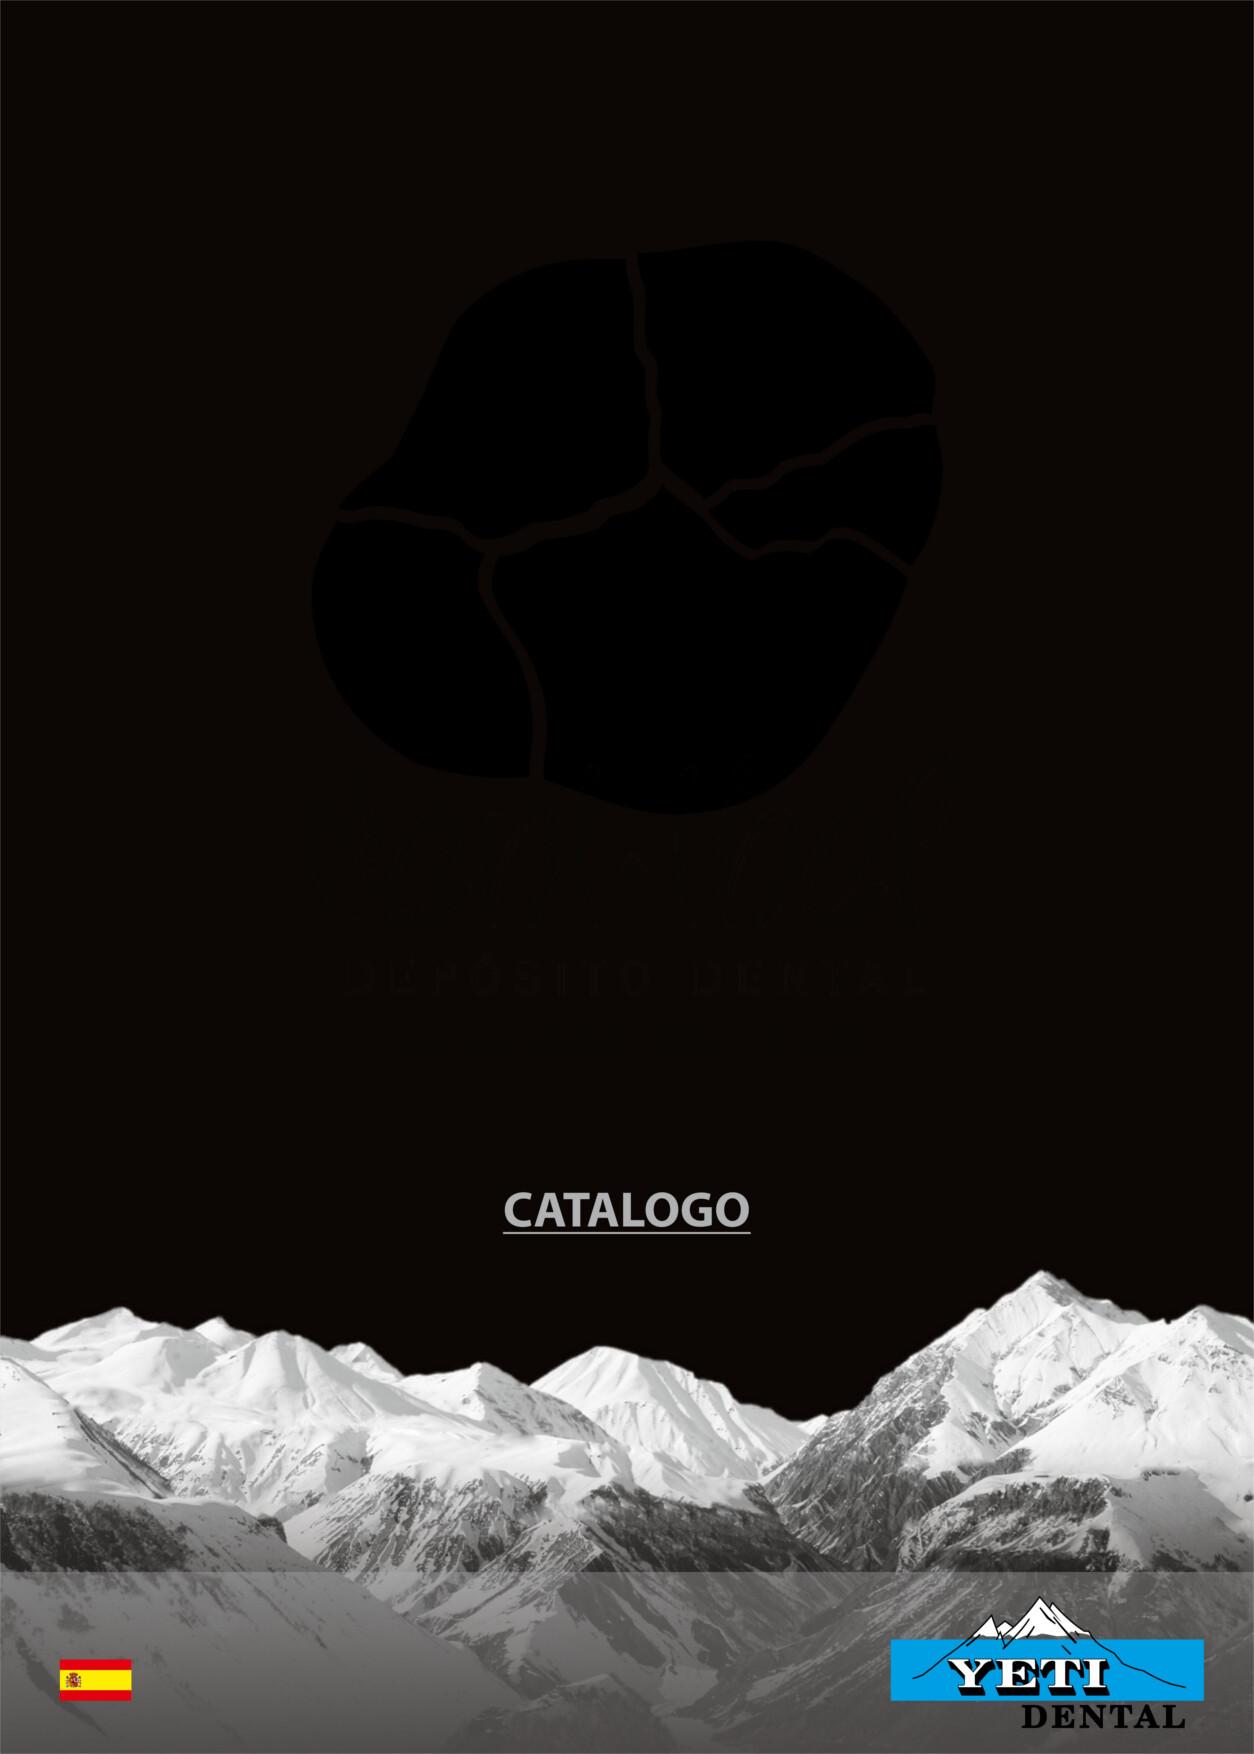 Catálogo Yeti